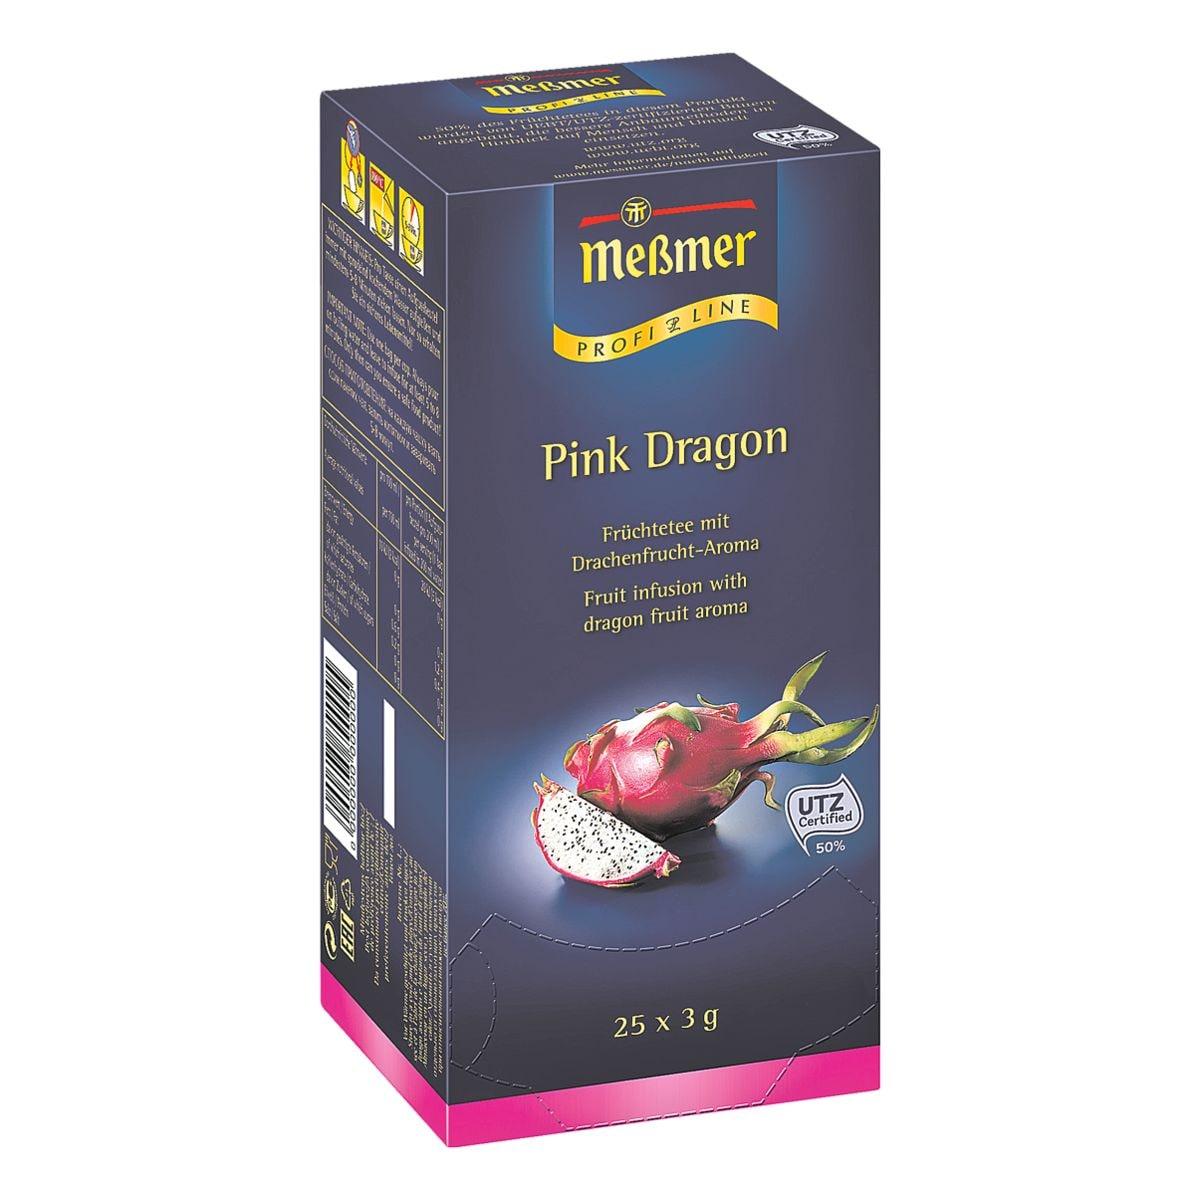 Meßmer Früchtetee »Profi Line Pink Dragon« Tassenportion, Aromakuvert, 25er-Pack